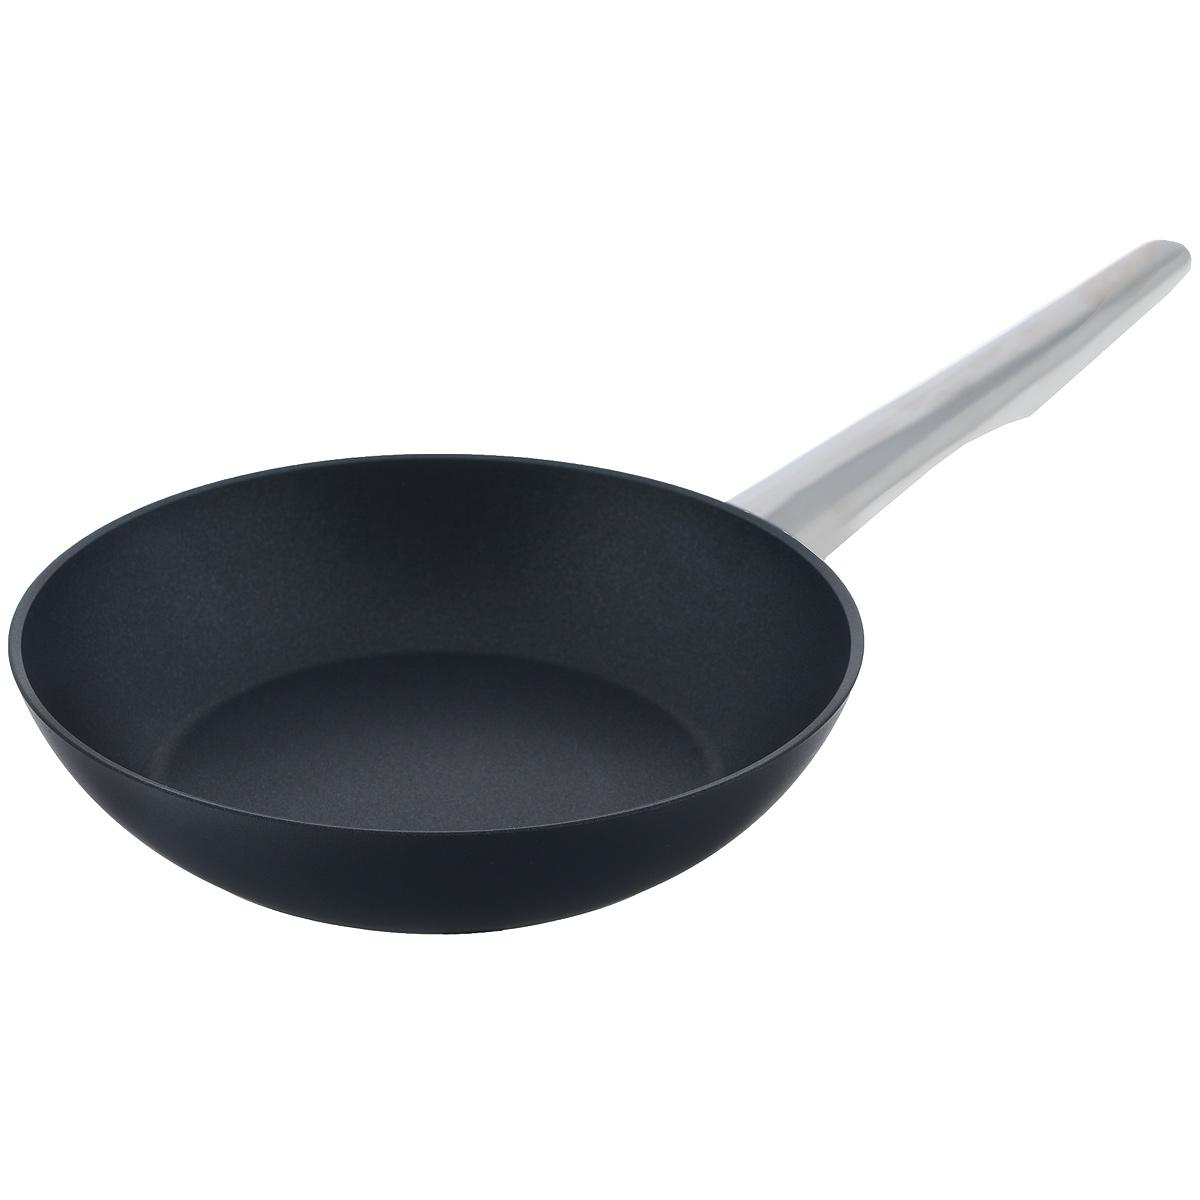 Сковорода TVS Maestrale, с антипригарным покрытием, цвет: черный. Диаметр 20 см1V278203310001Сковорода TVS Maestrale выполнена из алюминия с внешним лаковым покрытием черного цвета и обладает превосходной теплопроводностью. Внутреннее антипригарное покрытие Toptec позволяет готовить пищу с минимальным использованием масла. Прочная поверхность сковороды не боится механических повреждений. Эргономичная ручка, изготовленная из нержавеющей стали имеет плавные формы, которые подчеркивают стиль сковороды. Сковорода TVS Maestrale изготовлена из экологичных материалов, что делает ее пригодной для приготовления пищи детям. Подходит для всех видов плит, включая индукционные. Сковороду TVS Maestrale можно использовать в духовому шкафу. Максимальная температура 230°С. Можно мыть в посудомоечной машине. Особенностью коллекции Maestrale является фурнитура из нержавеющей стали с изящными формами, очень эффектно сочетающаяся с литым корпусом изделий с черным антипригарным покрытием Toptec. Дно сковород и кастрюль, входящих в коллекцию, имеет...